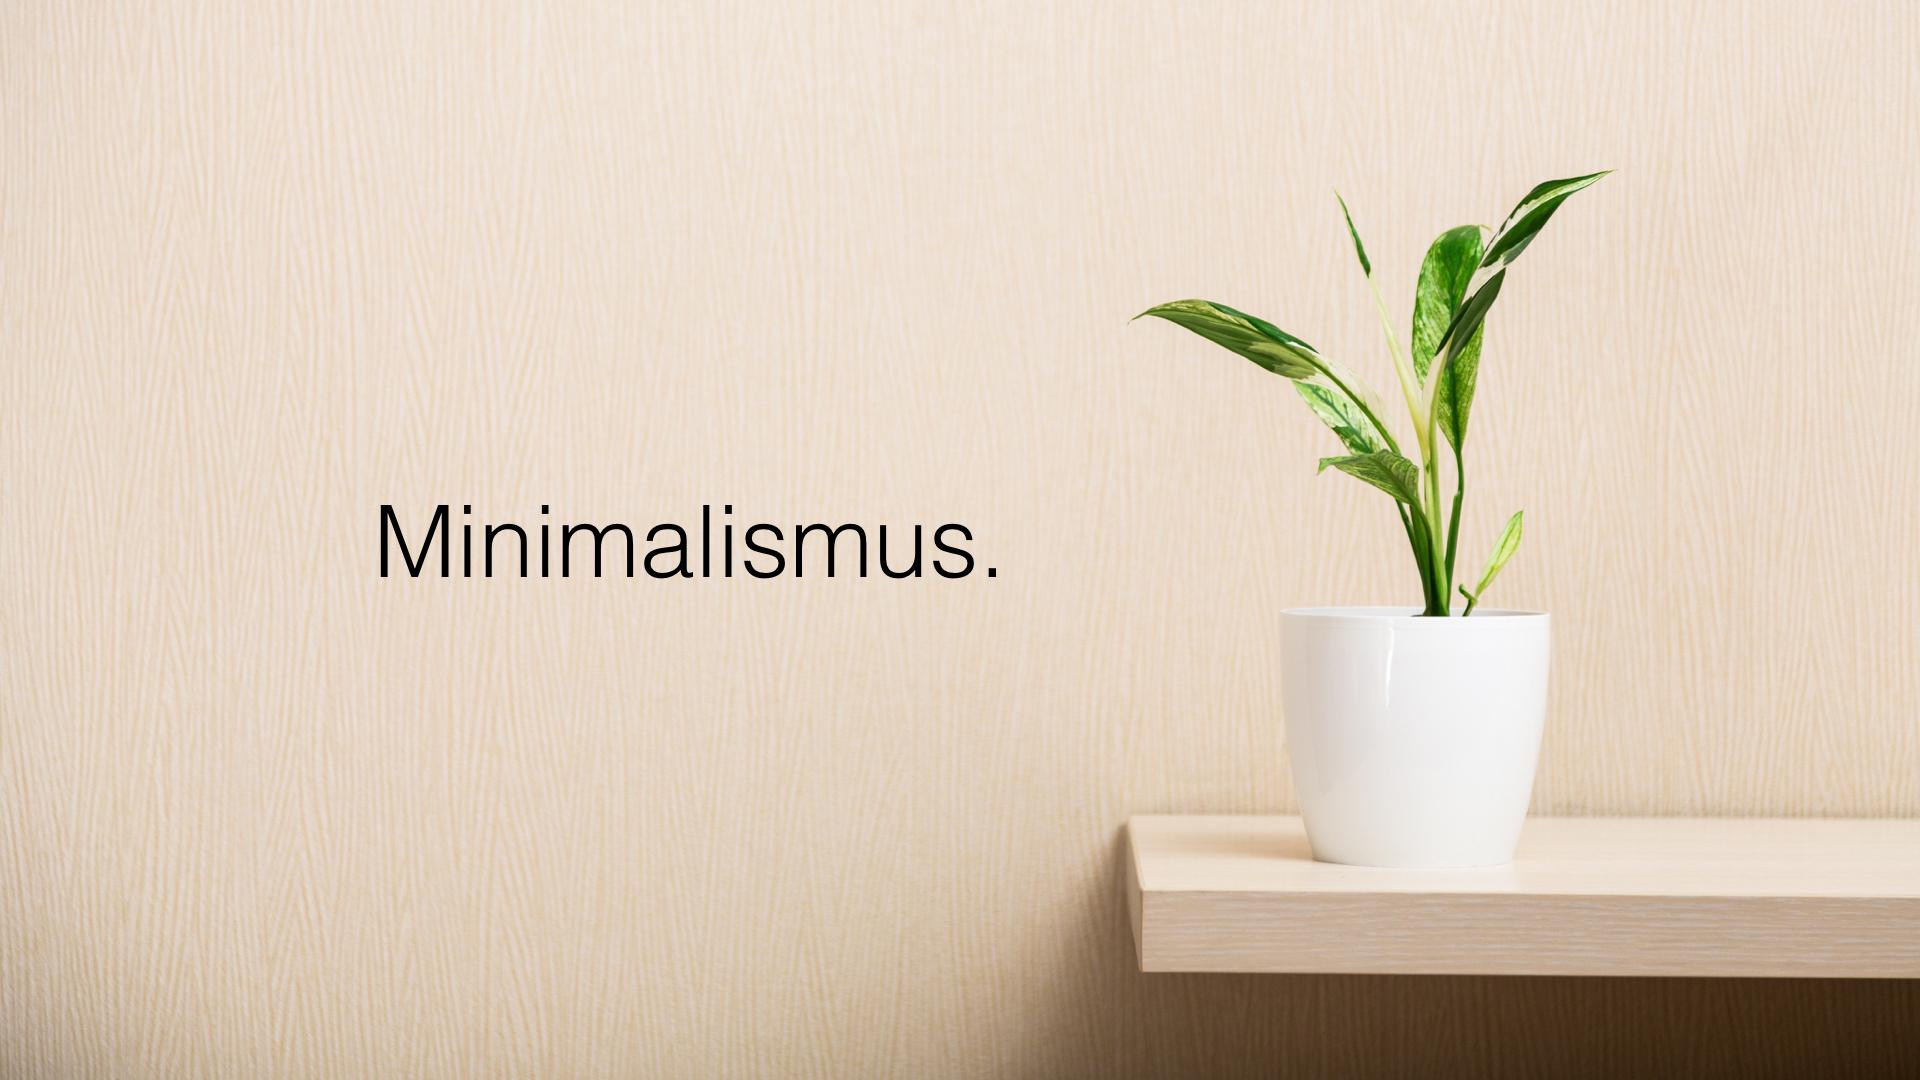 Minimalismus schnell gl cklicher und erfolgreicher for Minimalismus als lebensstil